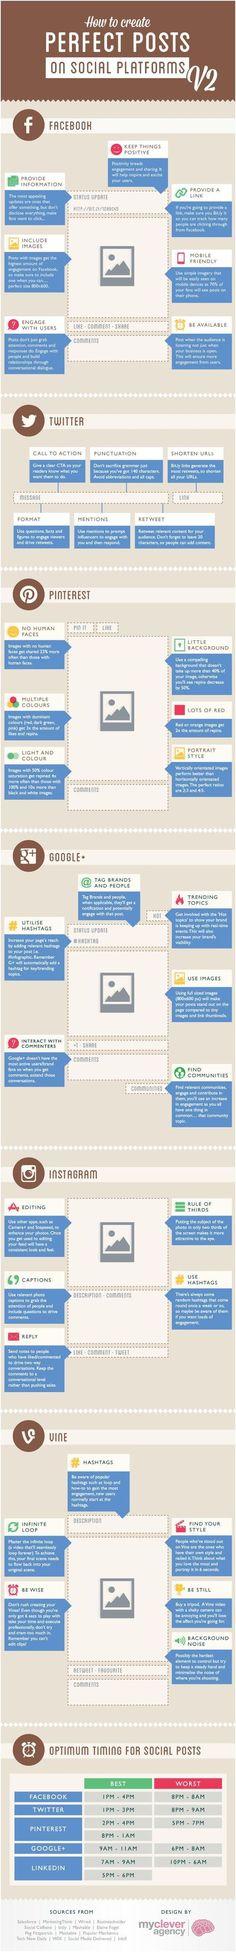 Cómo Crear Posts Perfectos en Plataformas Sociales v2 / How to Create Perfect Posts on Social Platforms v2